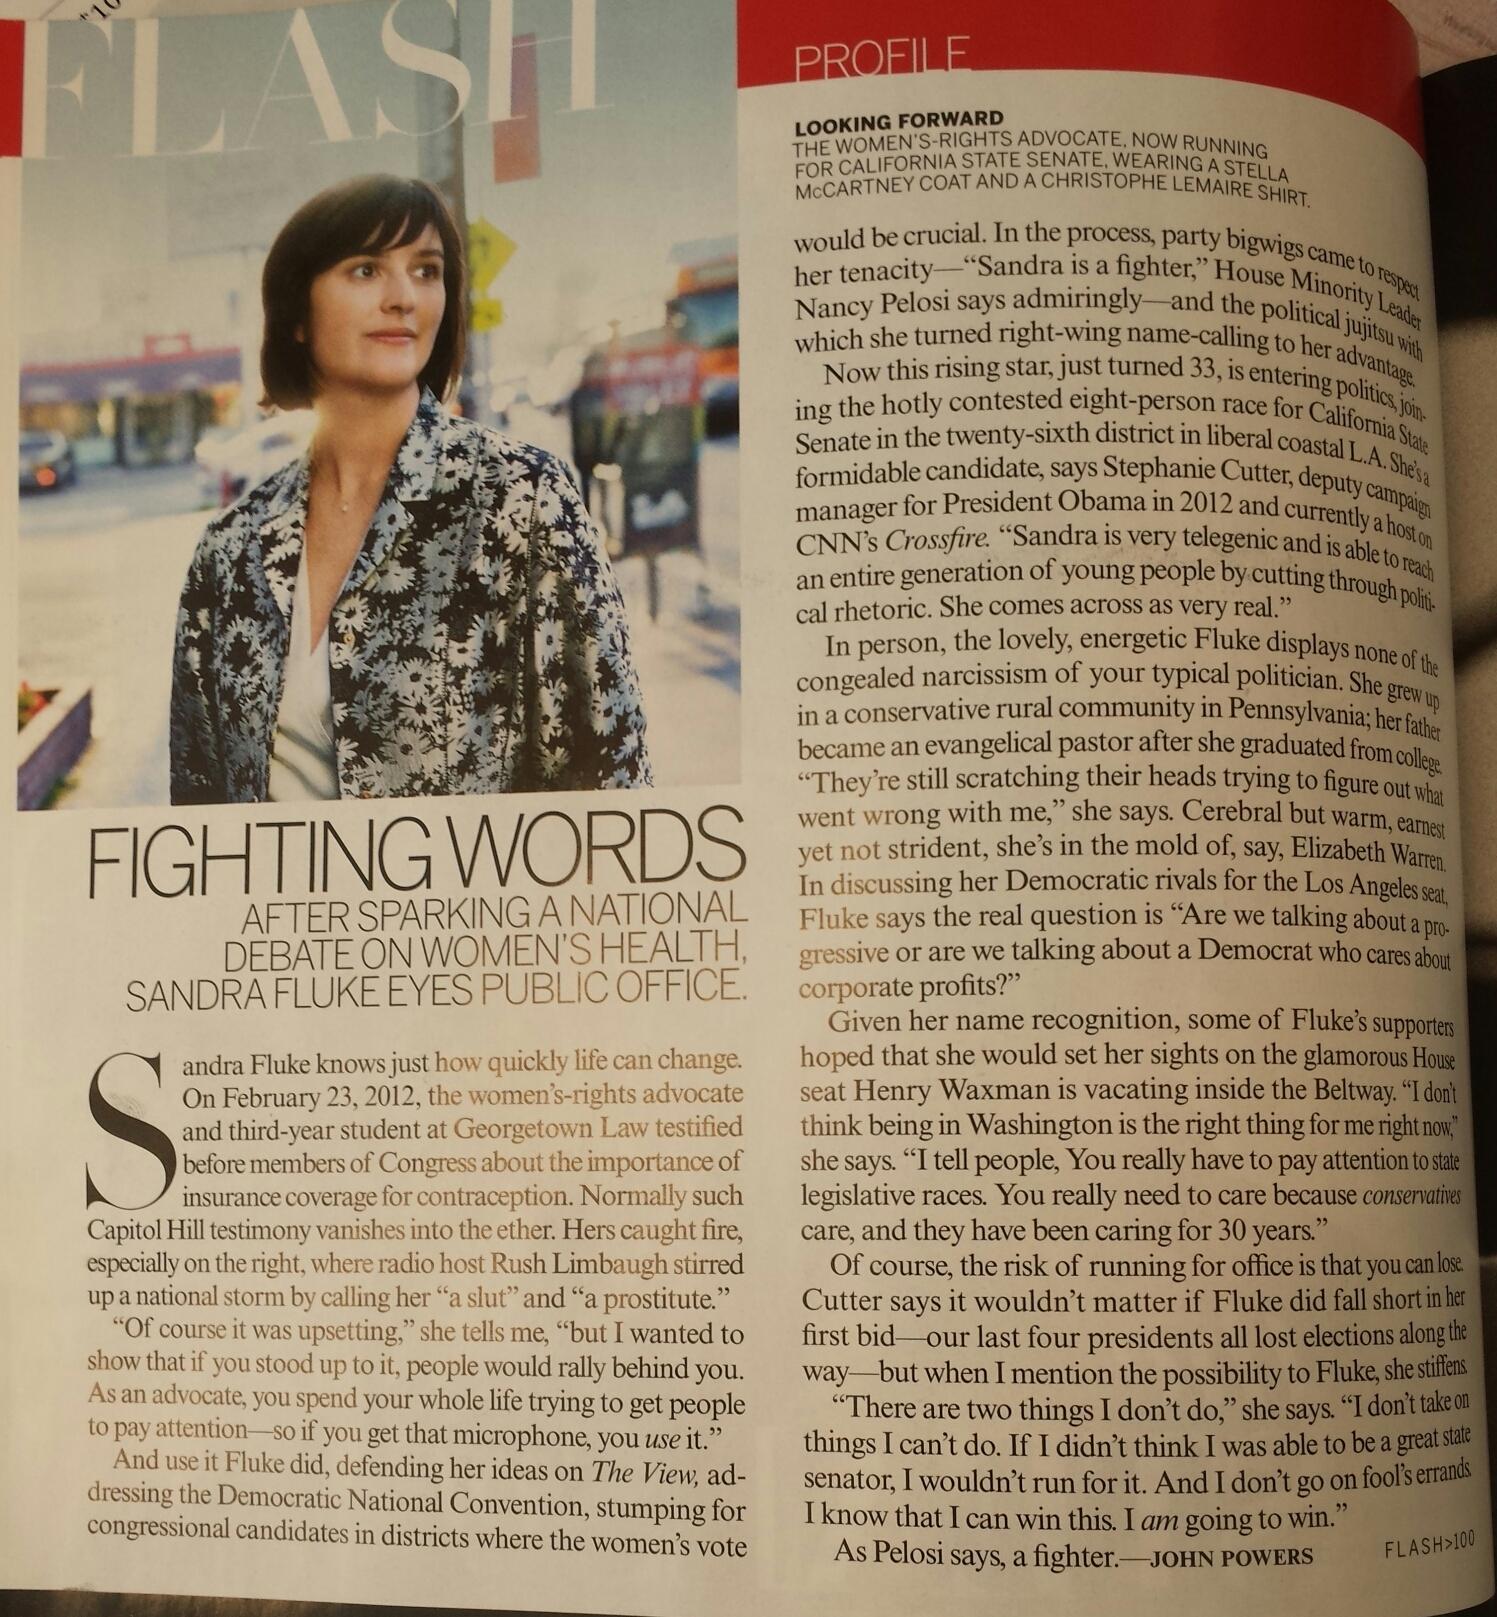 Vogue: After Sparking a National Debate, Sandra Fluke Eyes National Office